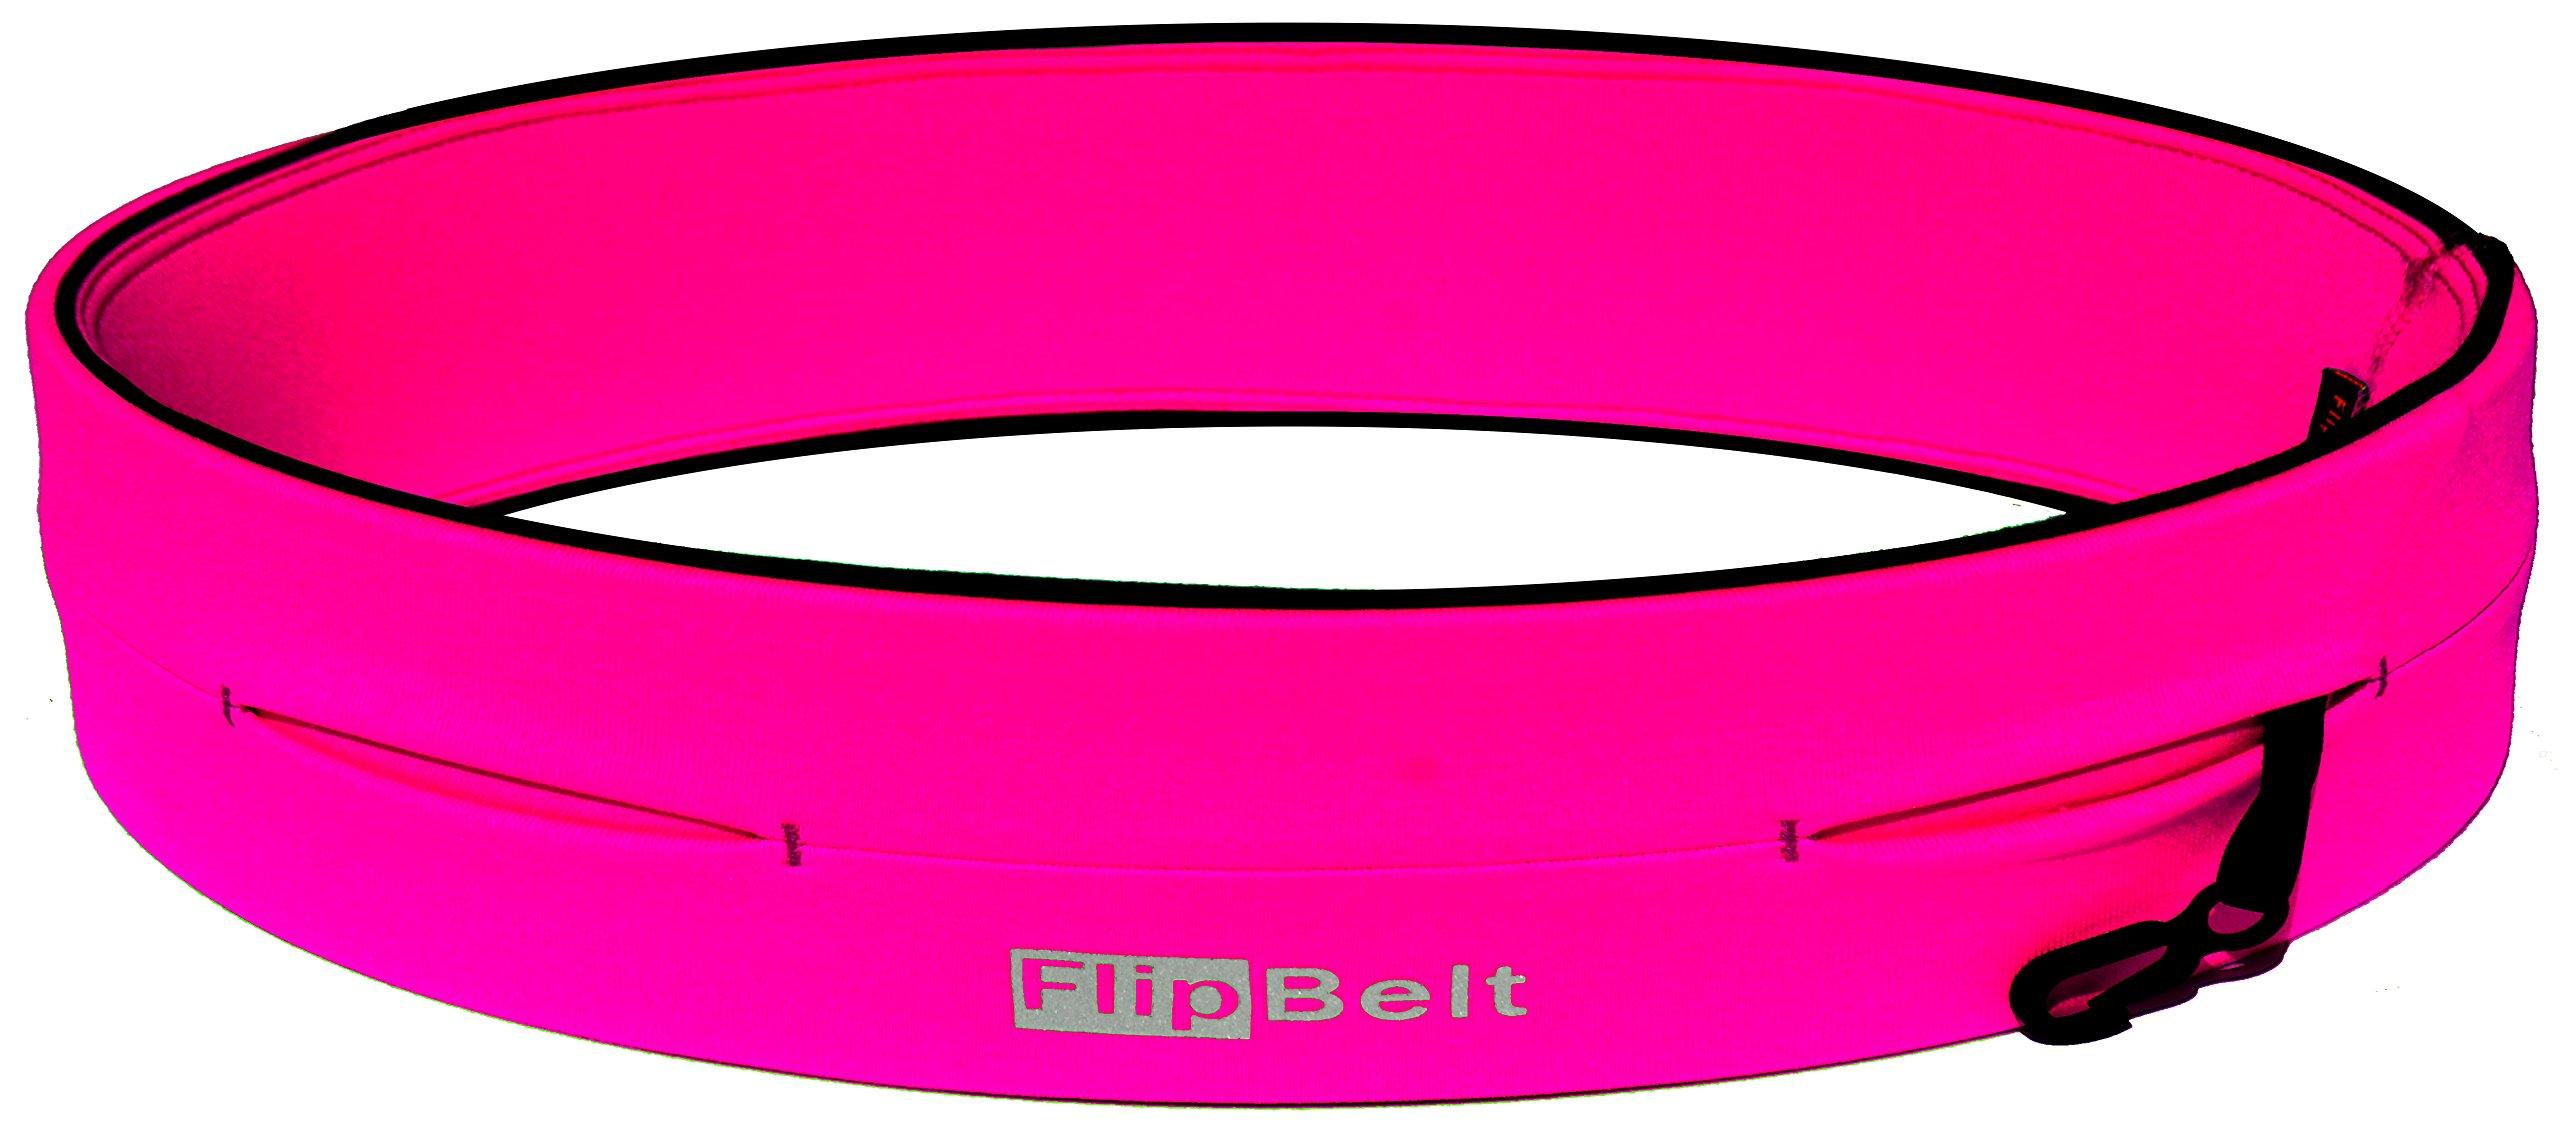 FlipBelt Level Terrain Waist Pouch, Hot Pink, X-Small/22-25'' by FlipBelt (Image #1)